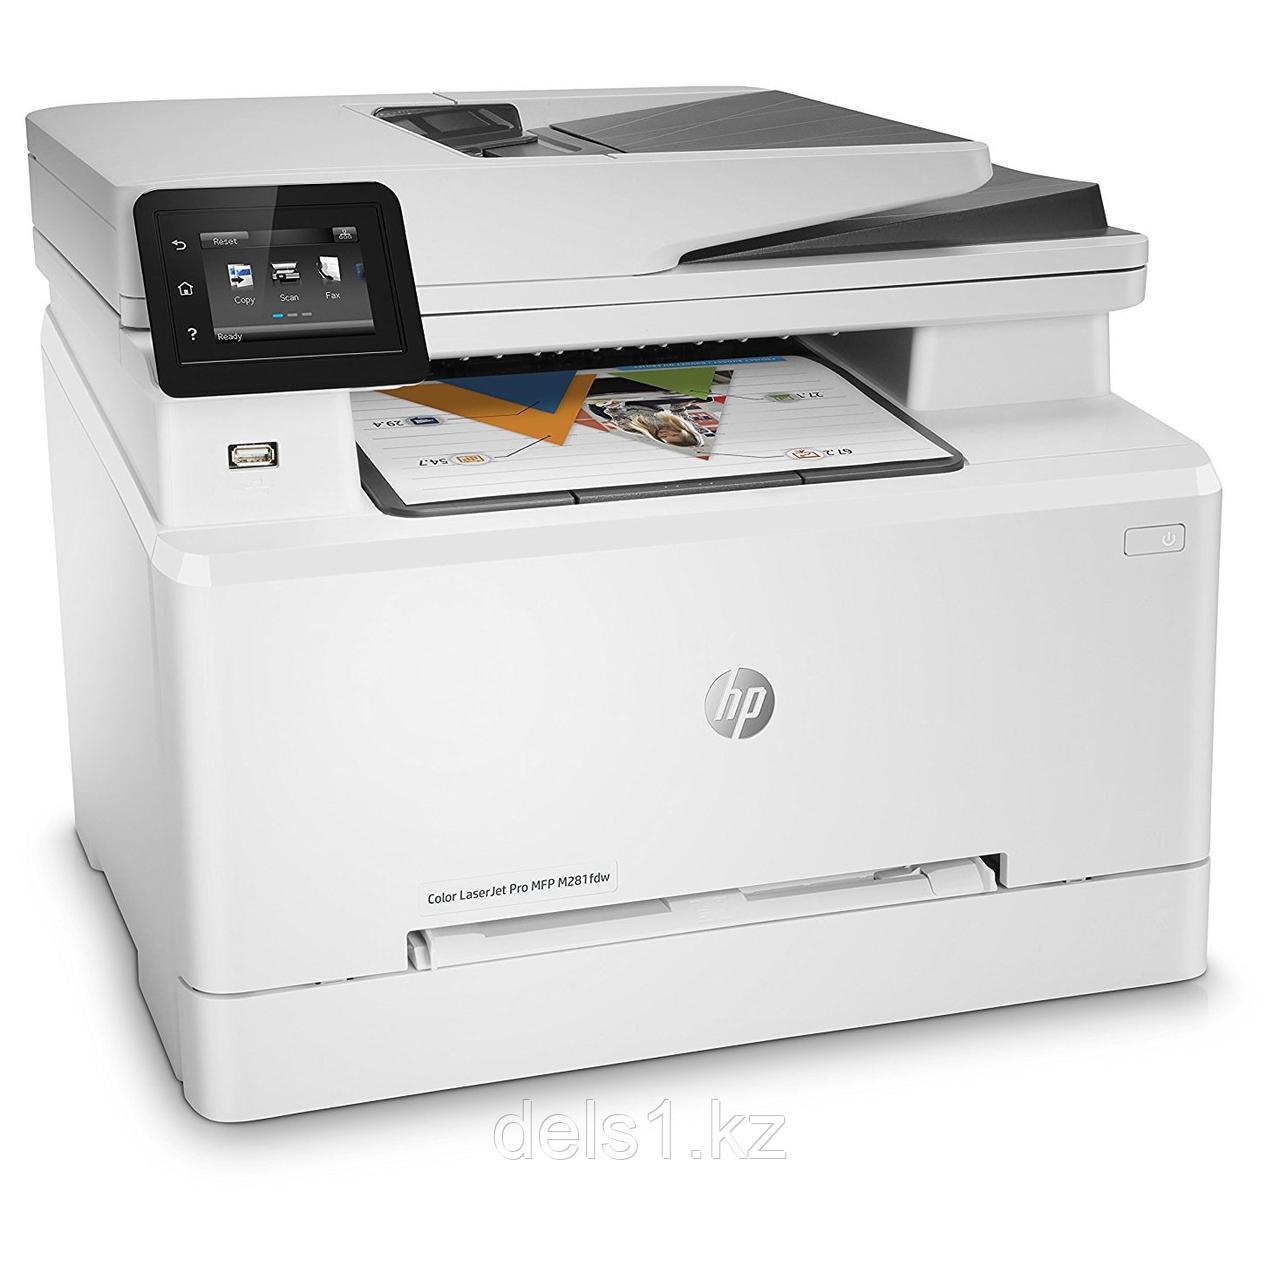 Черно-белое МФУ  HP LaserJet Pro M426fdw